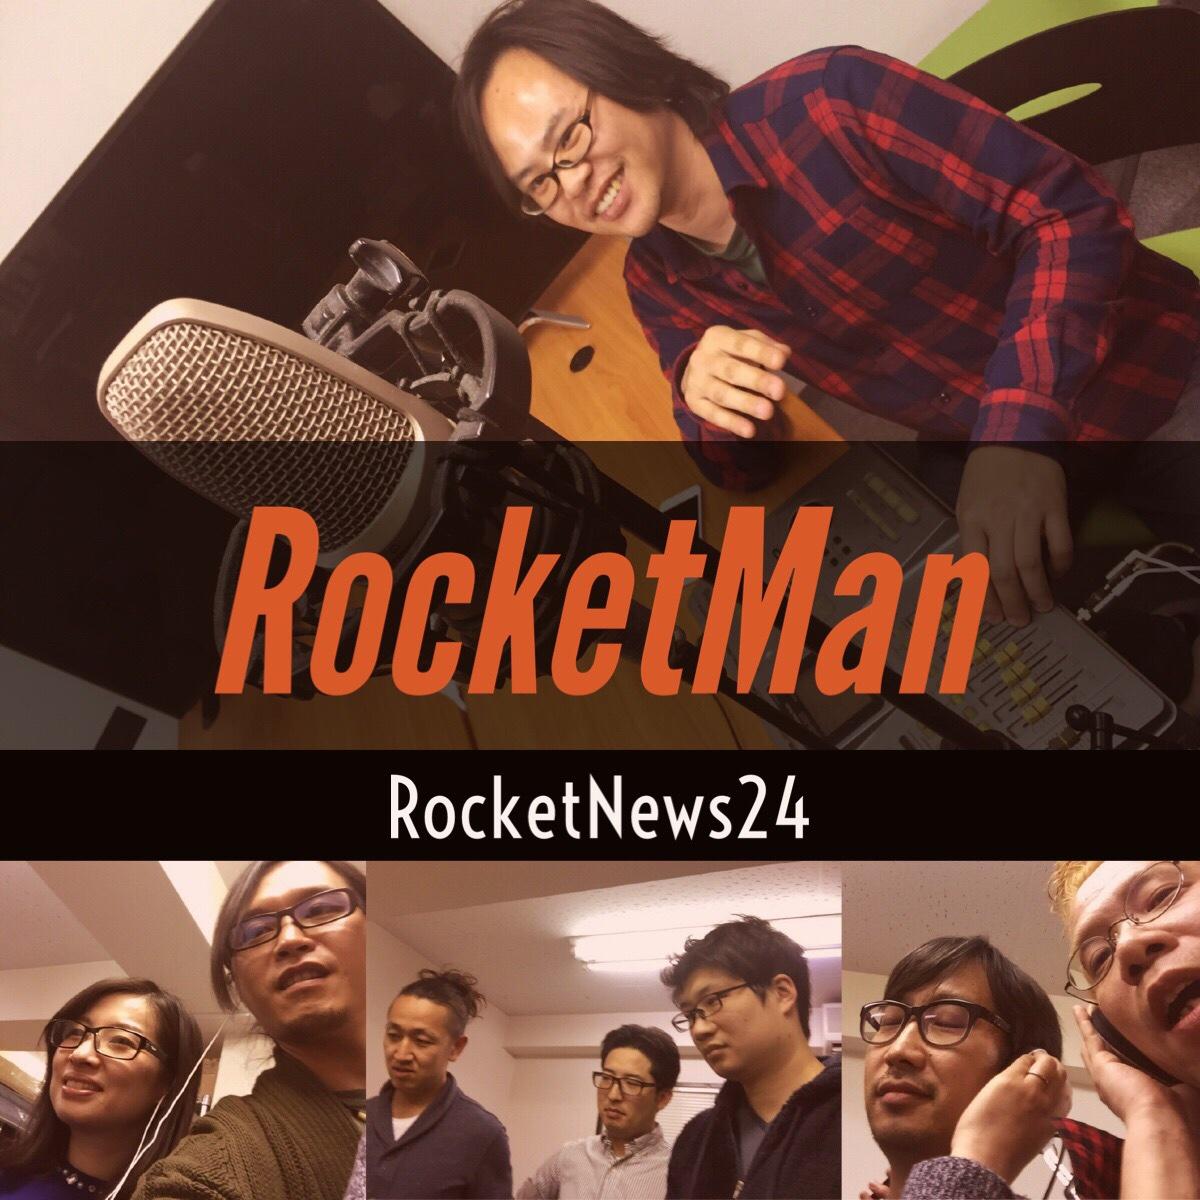 ロケットニュース